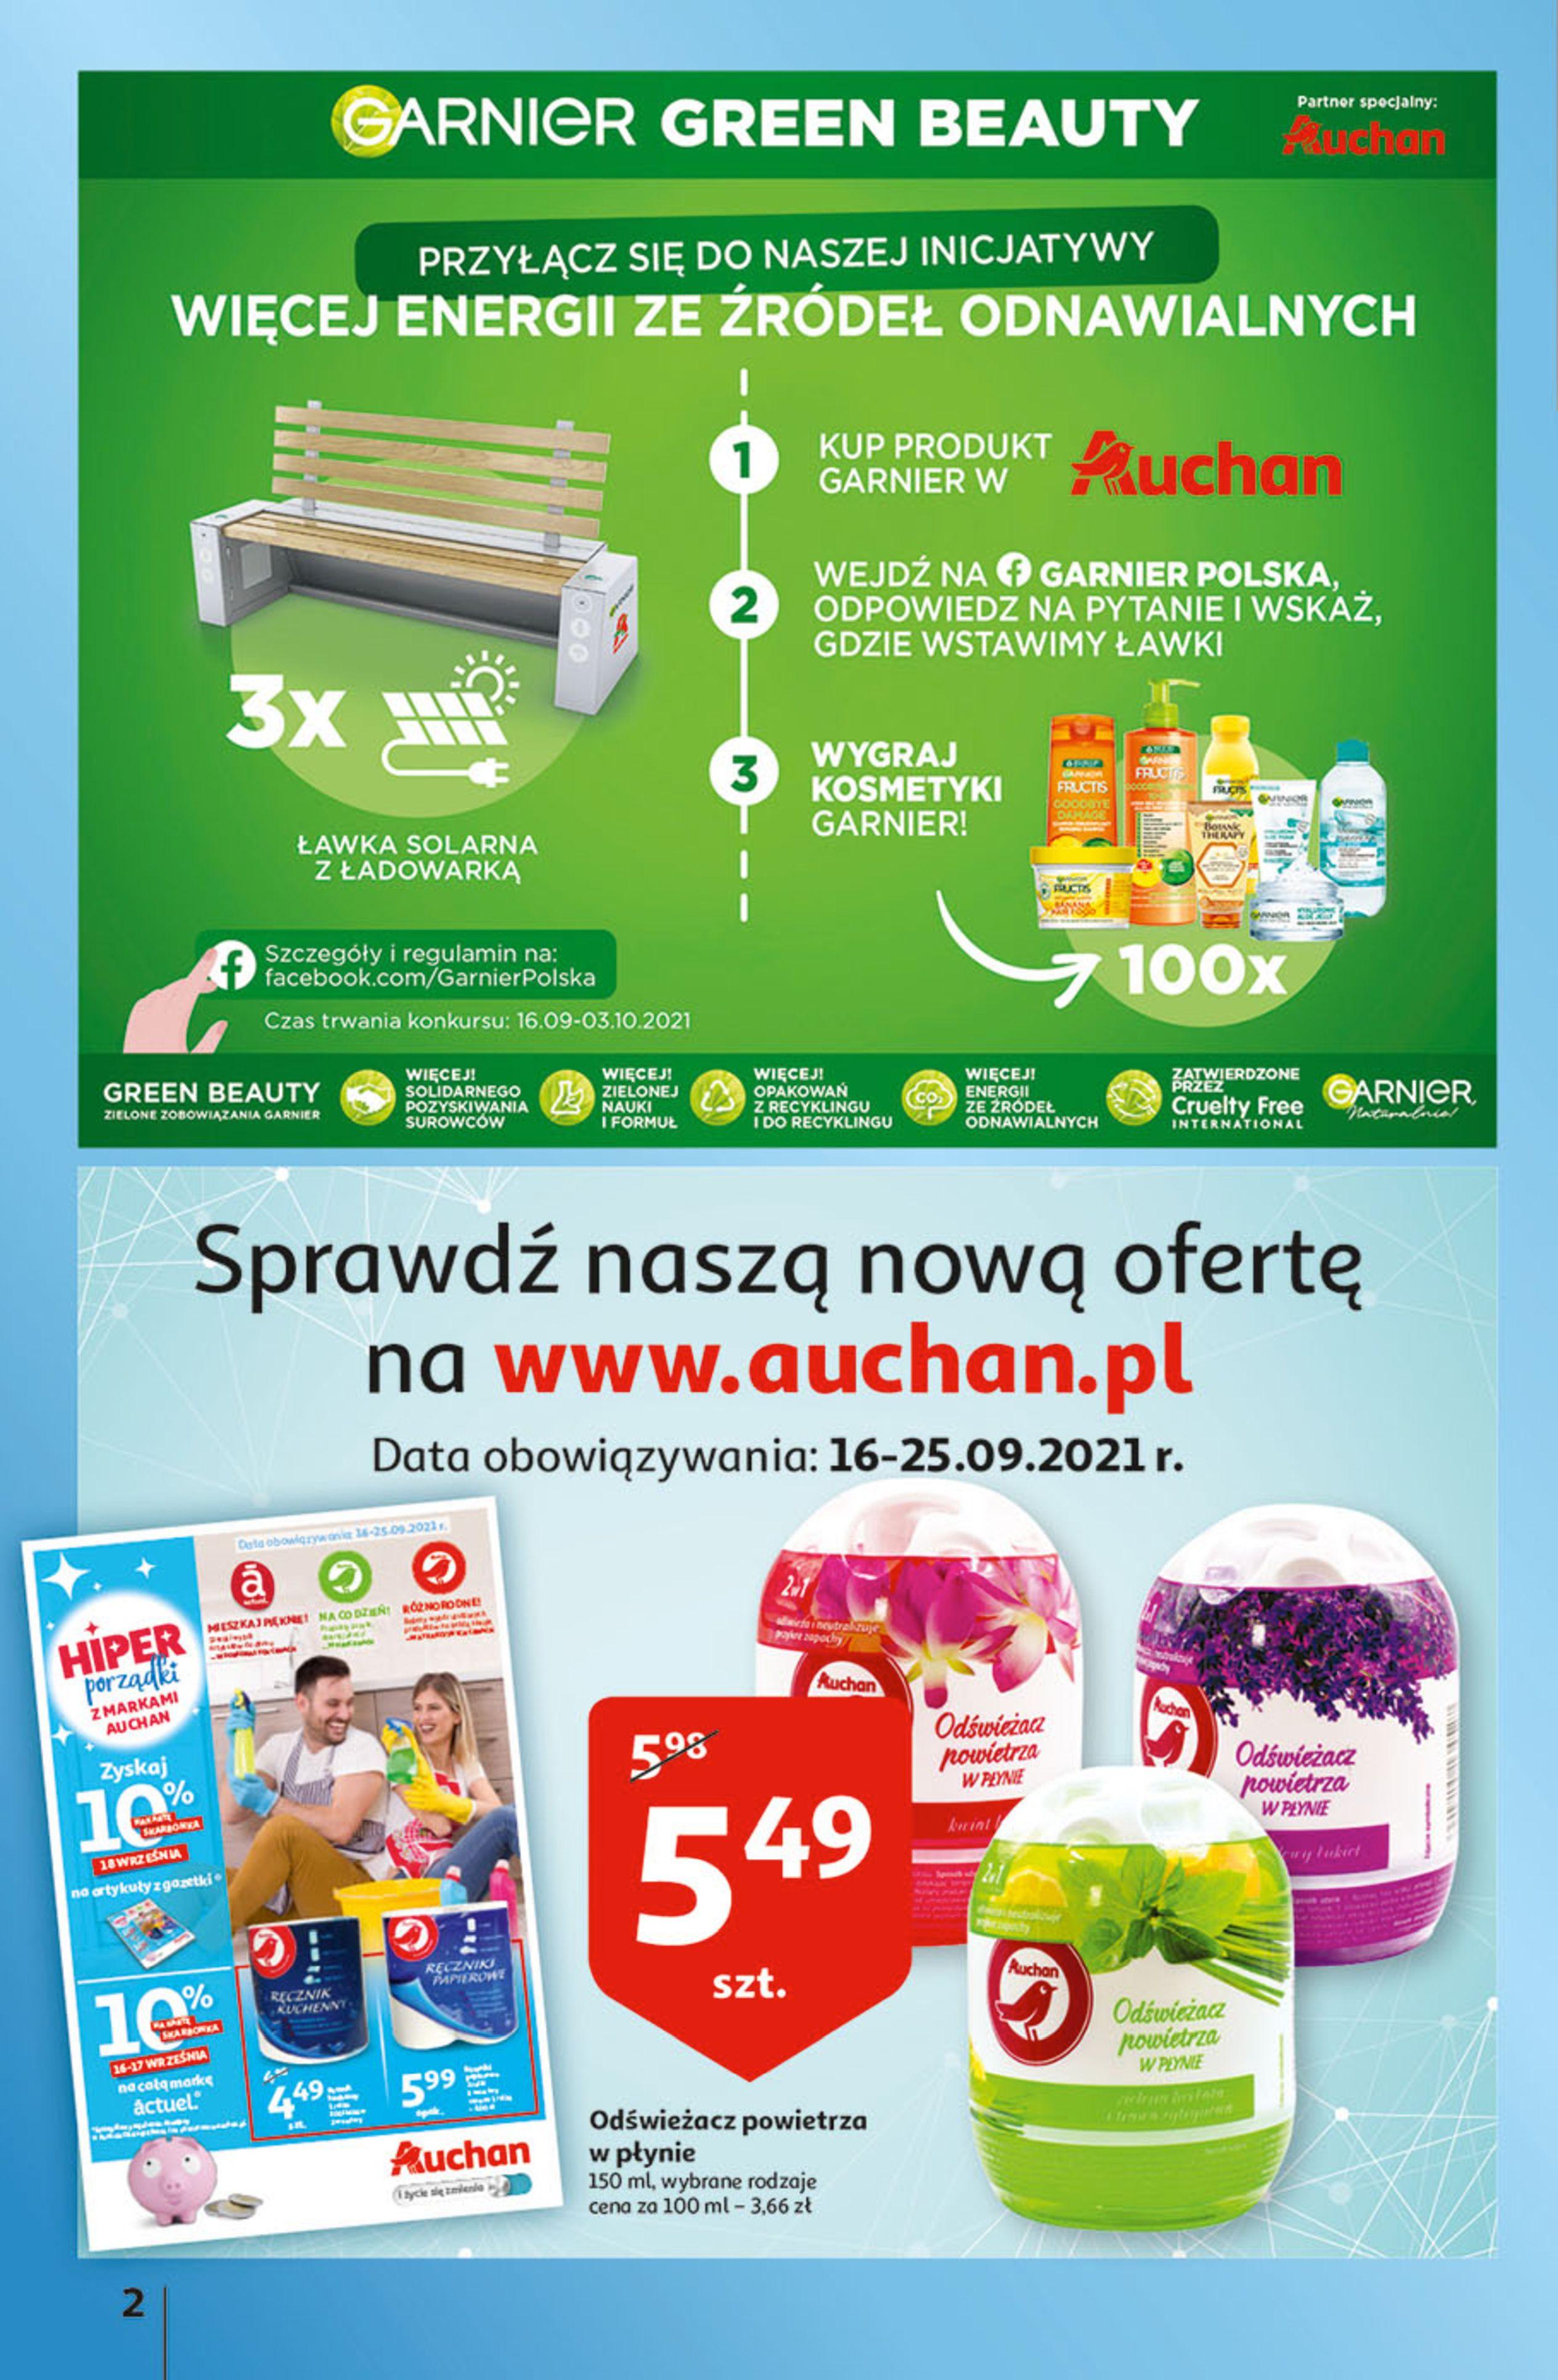 Gazetka Auchan: Gazetka Auchan - Hiperoszczędzanie w wersji Maxi Paki Hipermarkety 2021-09-16 page-2